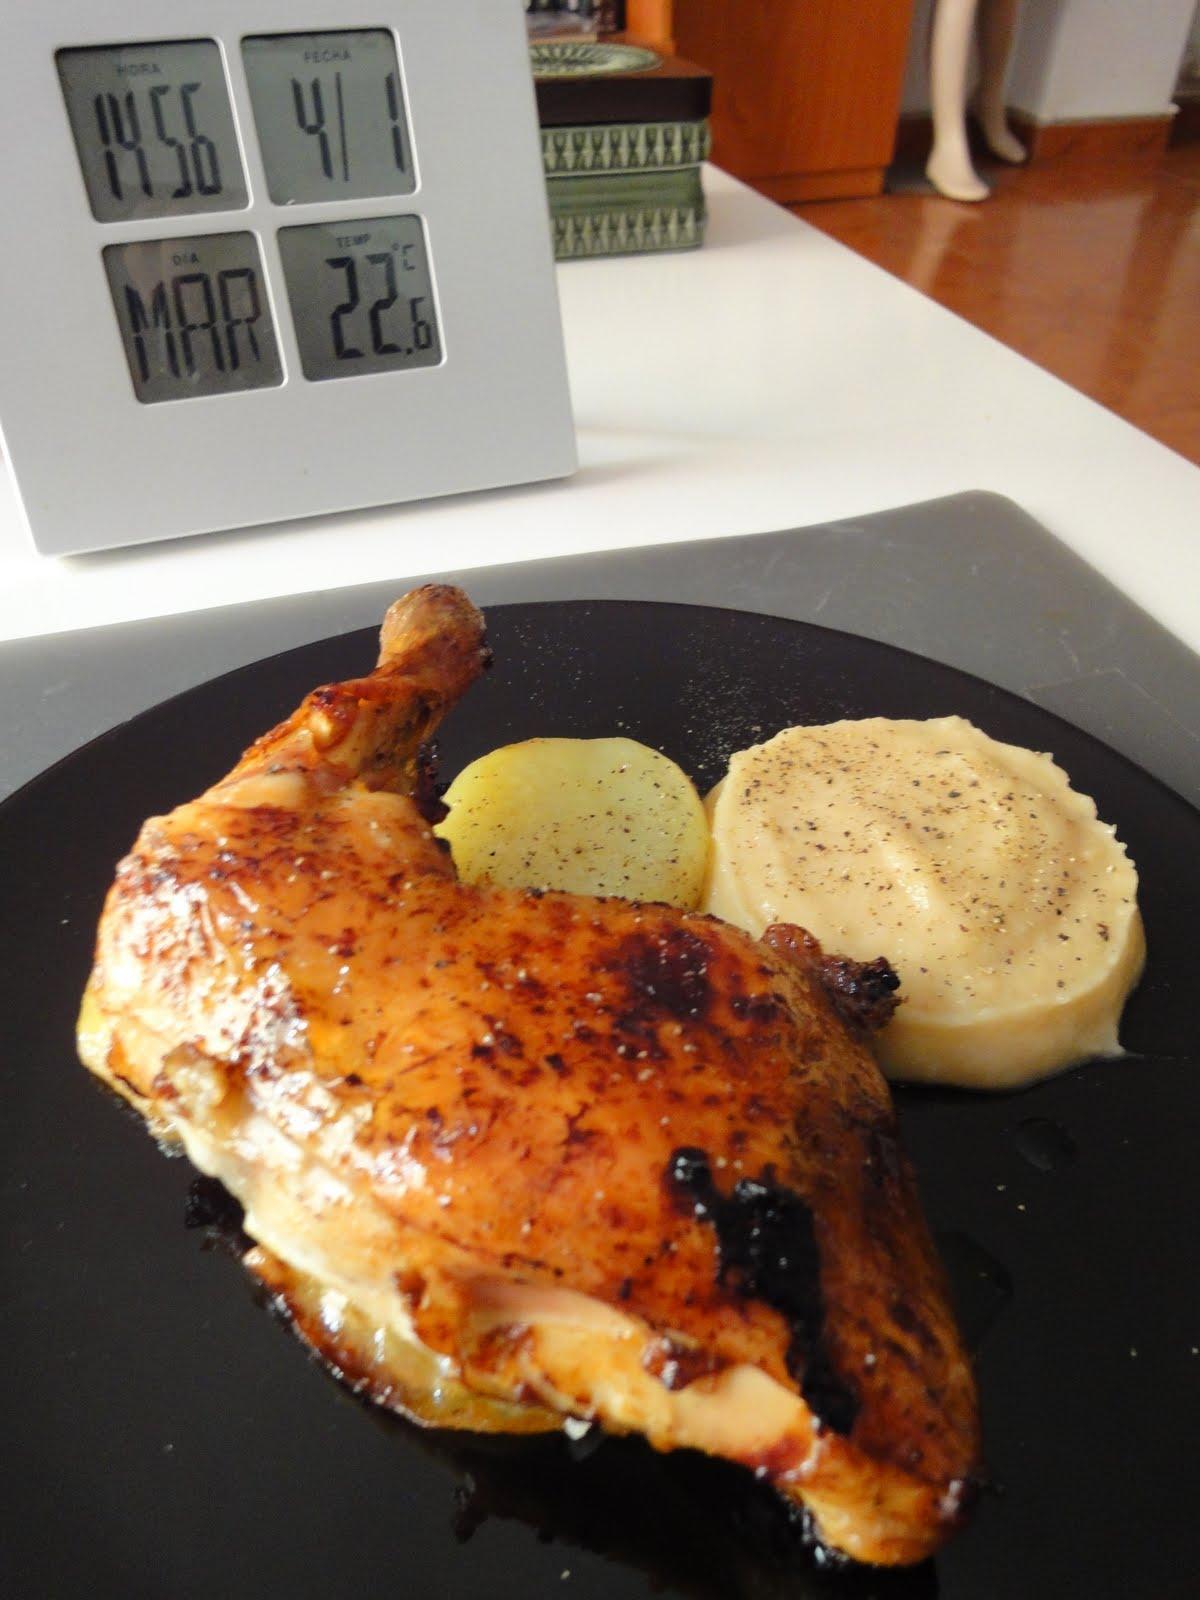 Clases de Cocina Zaragoza: Pollo al horno con patata y puré de manzana